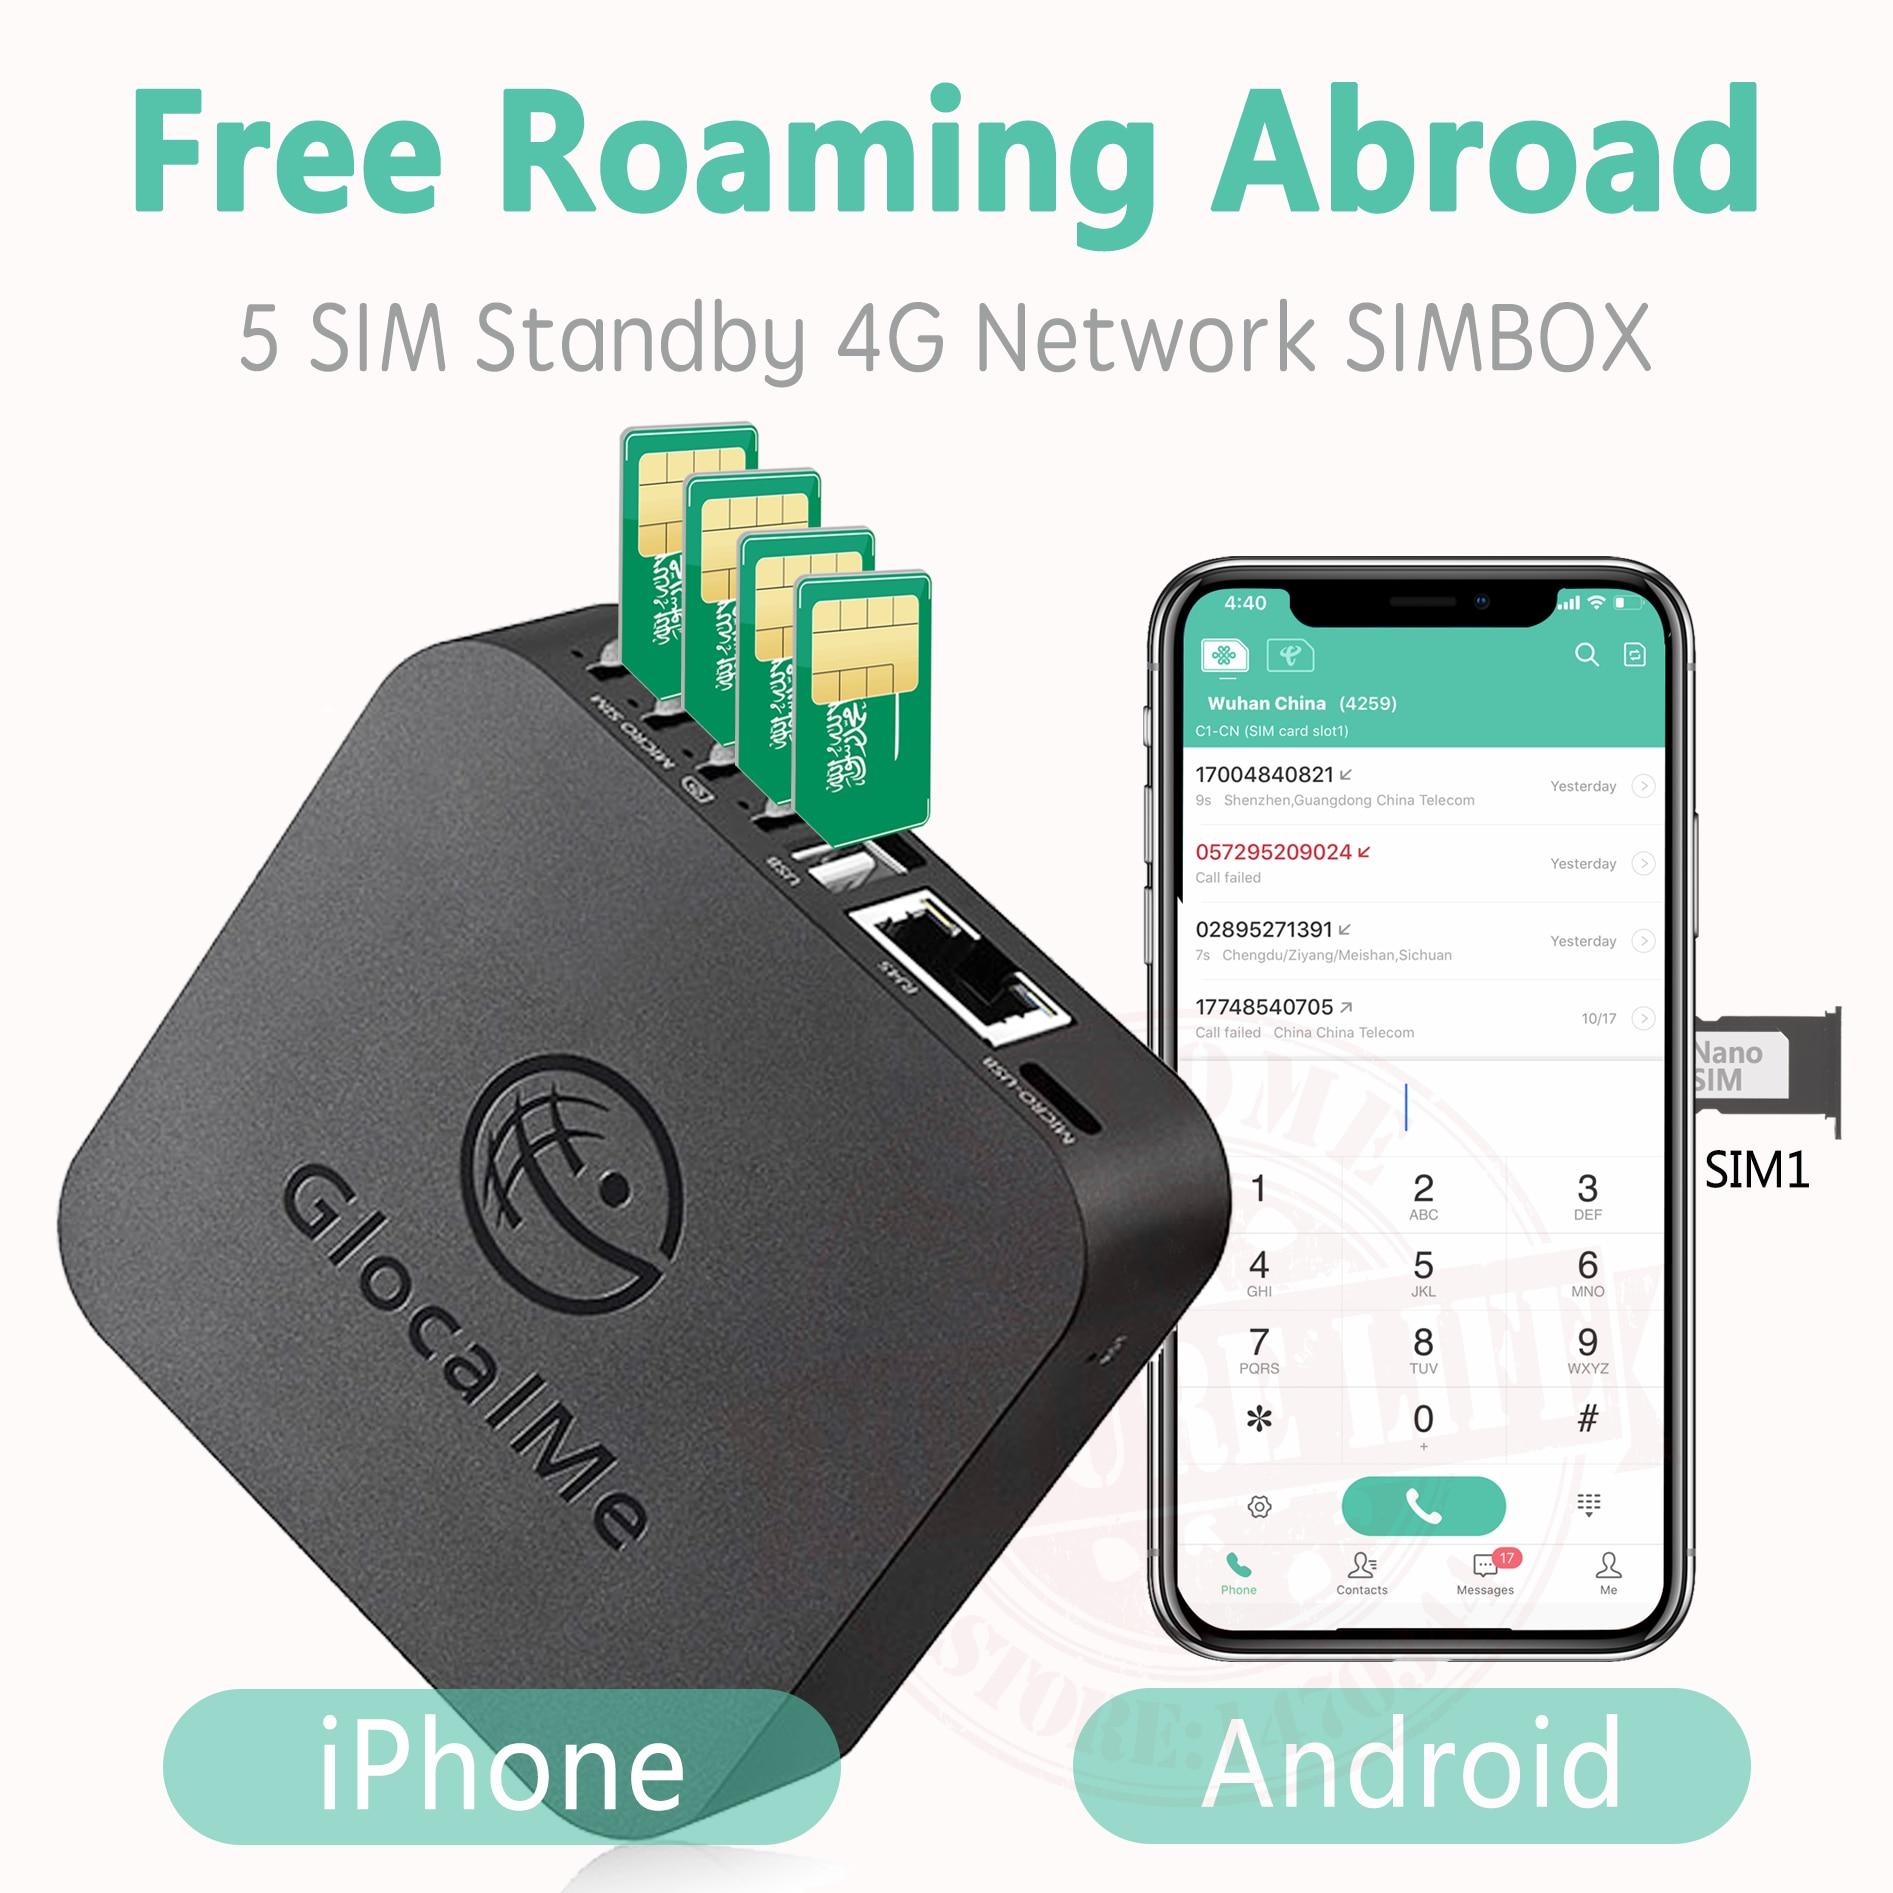 Glocalme-SIMBOX 4G SIM 2021 ، بطاقات SIM متعددة ، غير قابلة للتأرجح في الخارج ، لنظامي iOS و Android ، WiFi / Data لإجراء مكالمات وإرسال رسائل نصية قصيرة